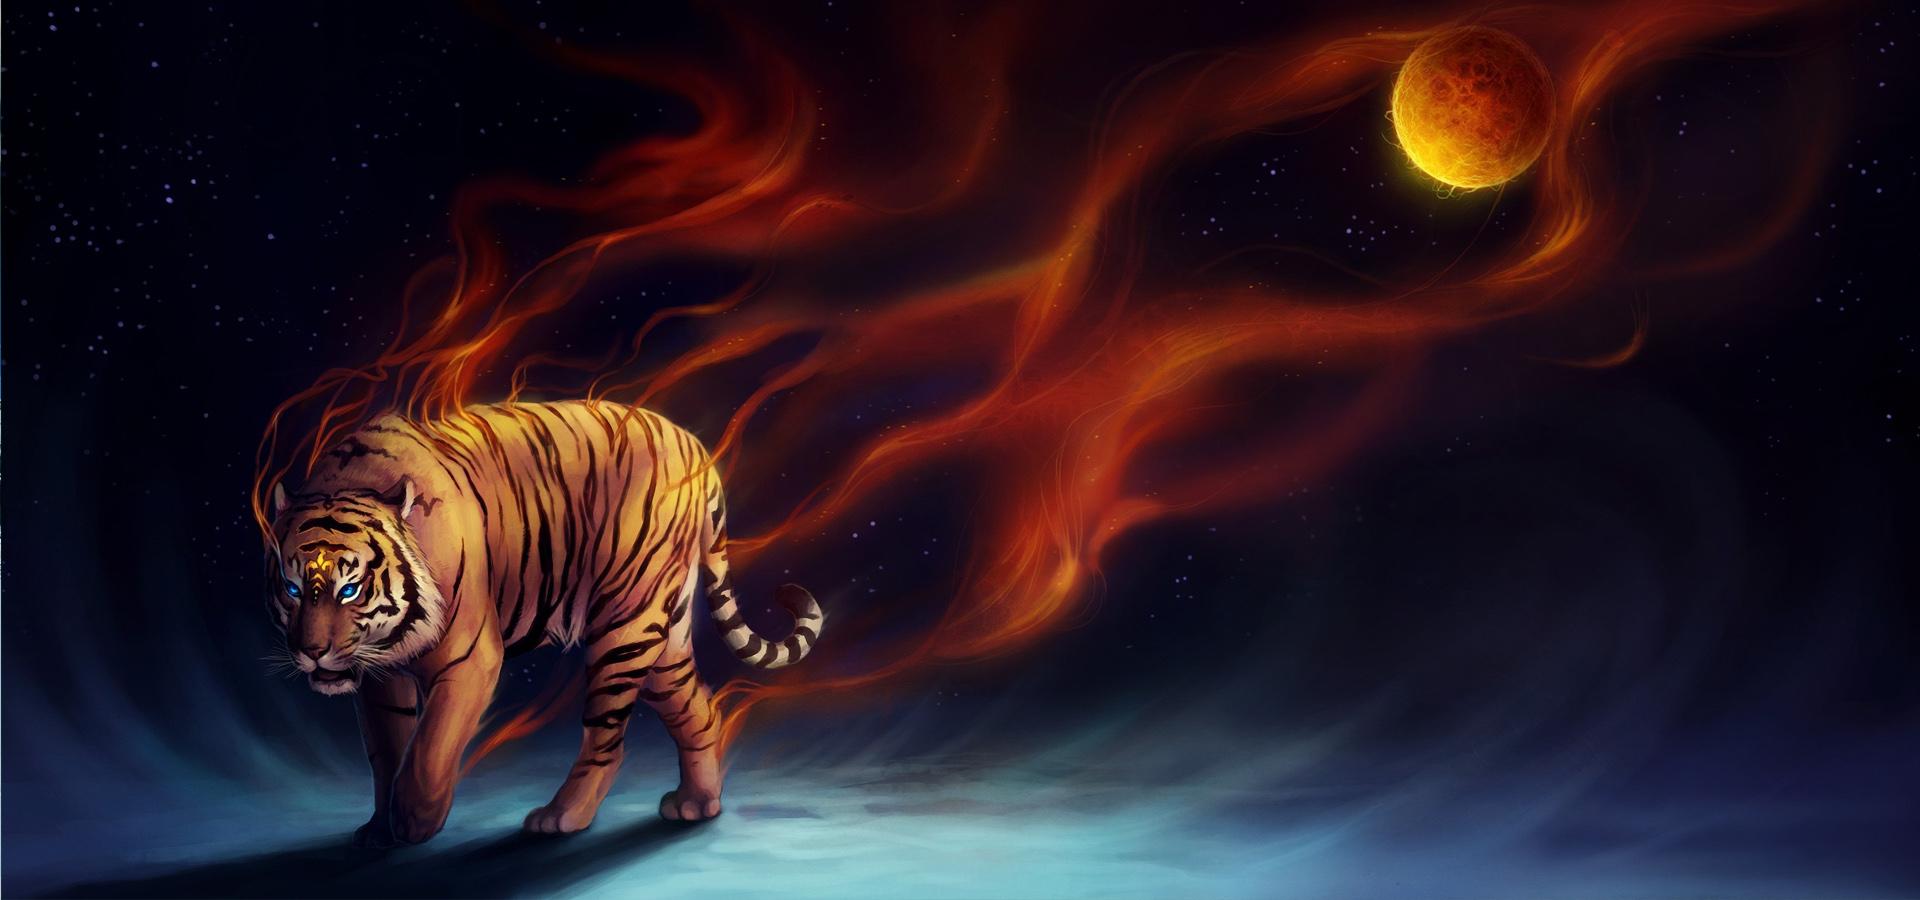 Tiger Background, Flame, Tiger, Poster Background Image ...